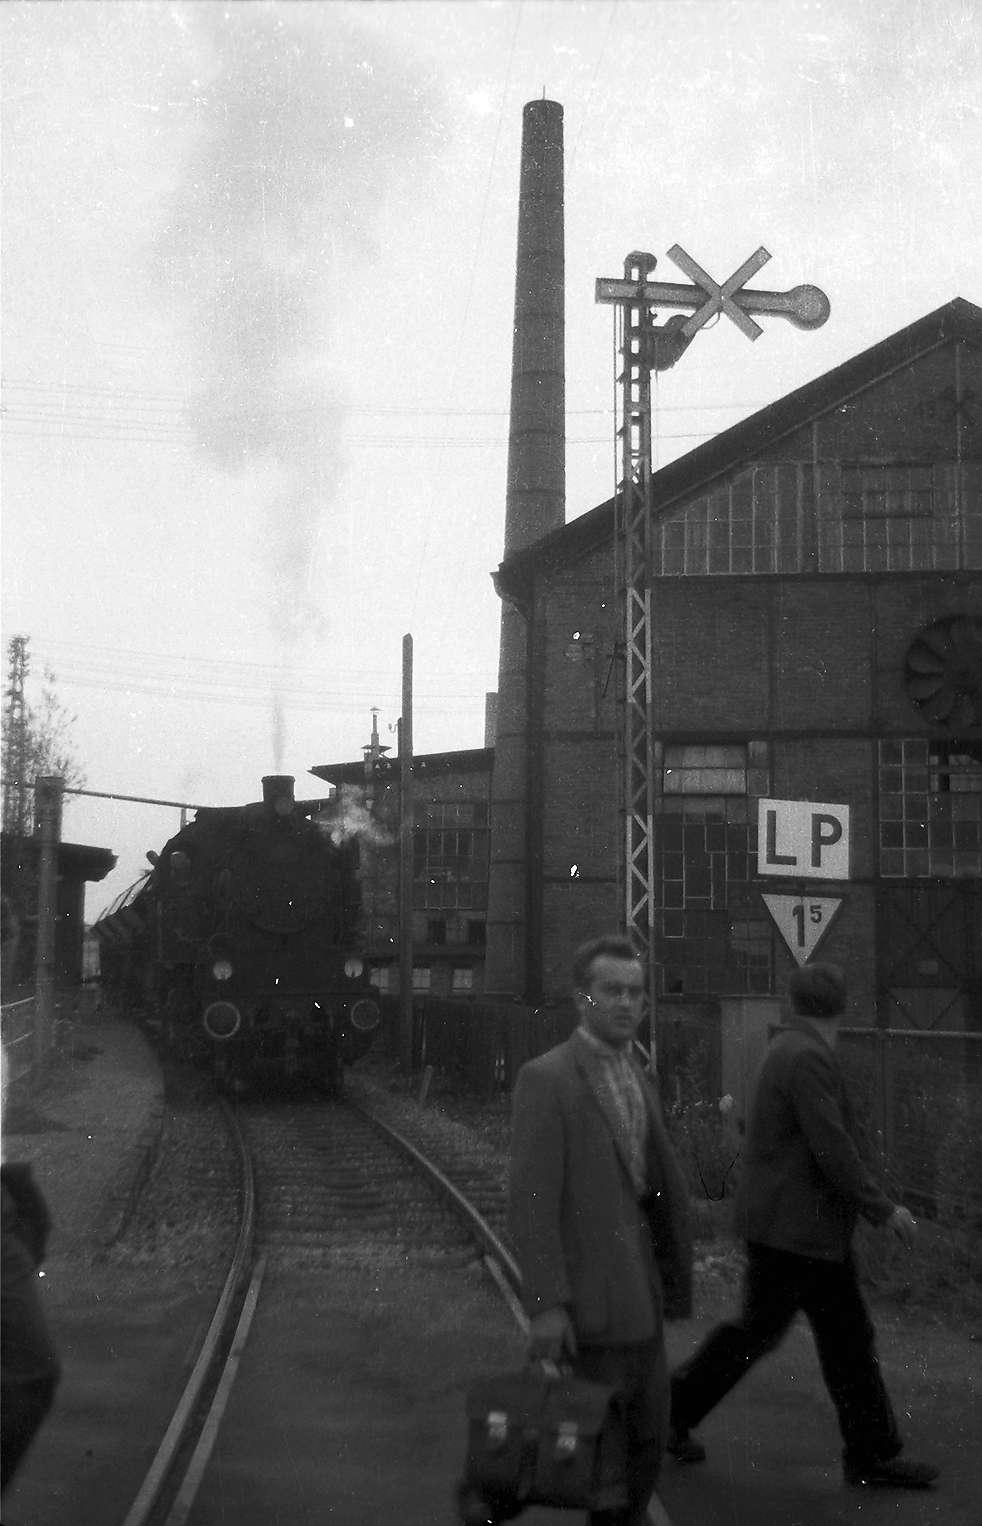 Durchfahrt Hüttenwerk Laucherthal; Kamine, Einfahrtssignal ungültig gemacht sowie LP-Tafel gibt es nicht mehr, Presswerk von 1913, renoviert 2003, Bild 1